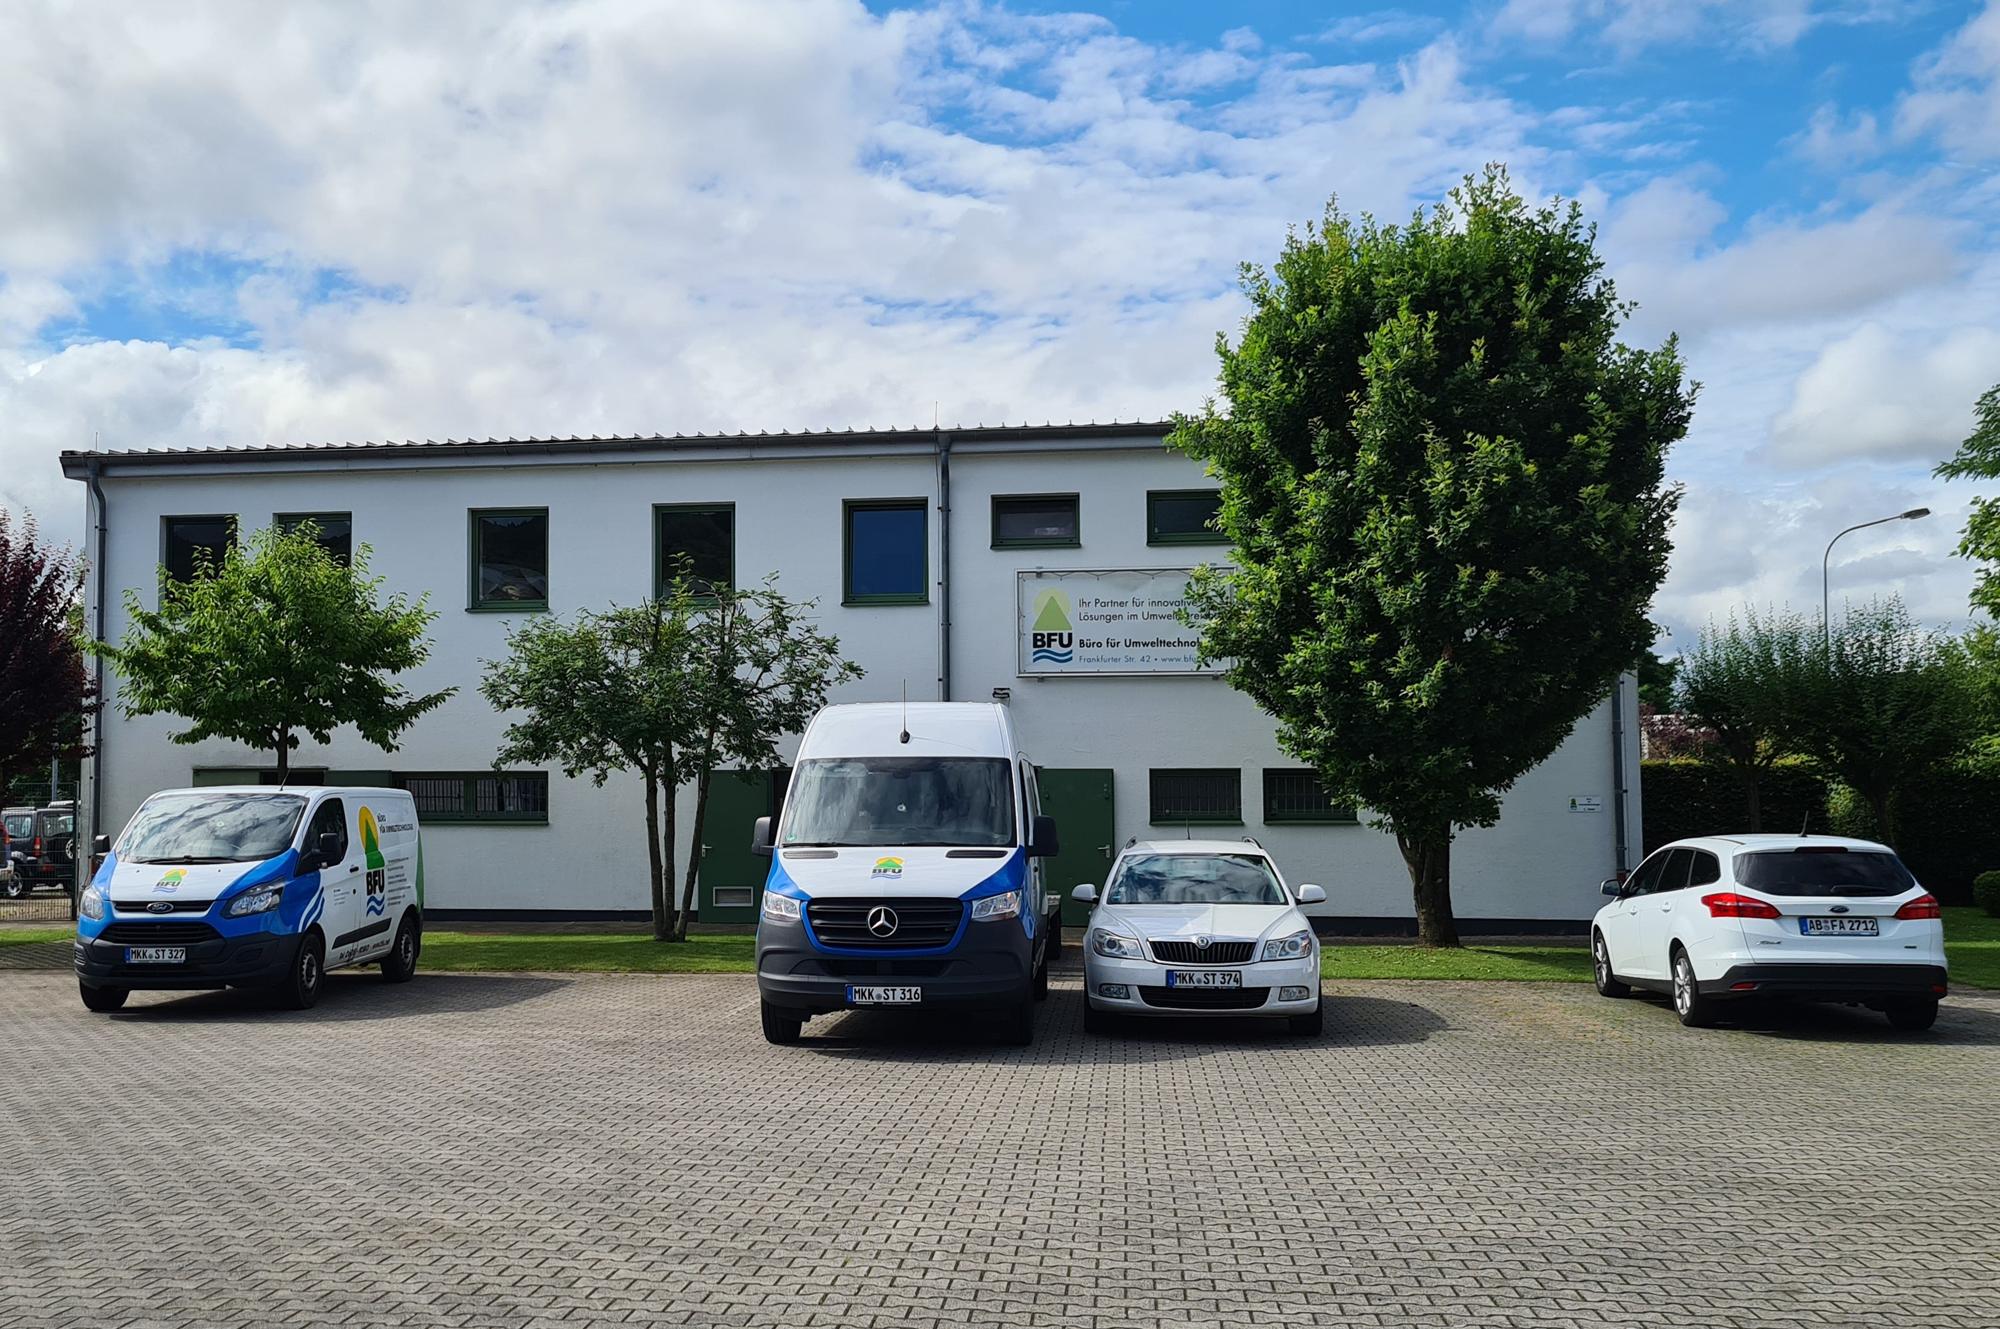 Firmengebäude Büro für Umwelttechnologie